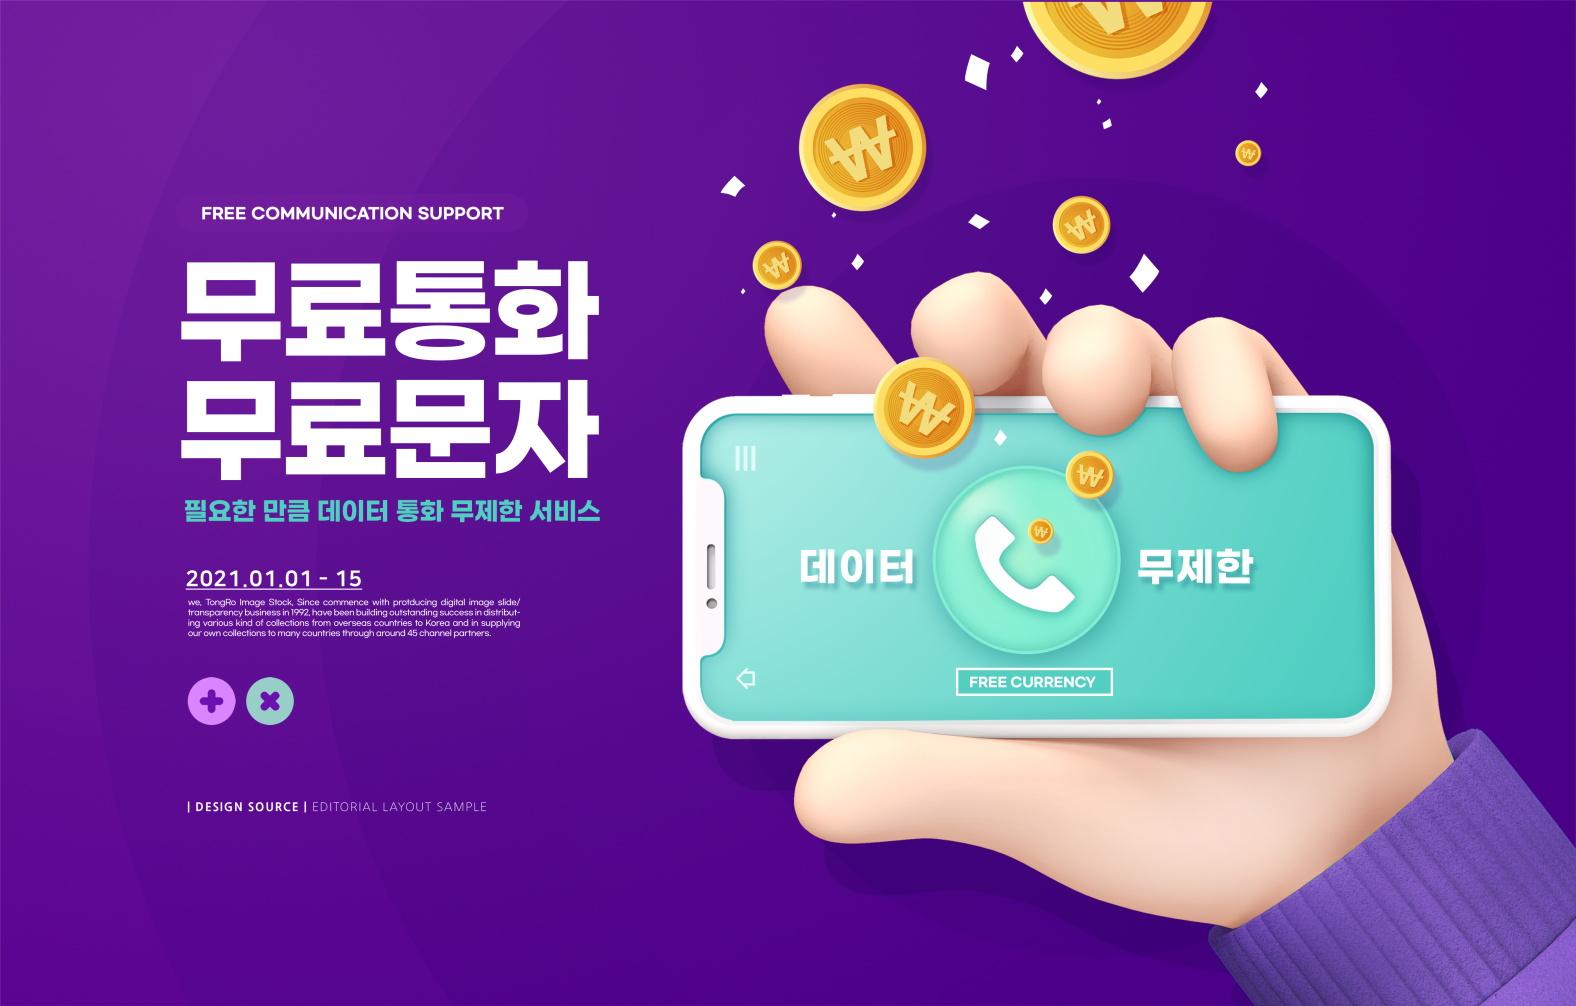 [单独购买] 16款时尚外卖金融手机购物促销海报设计PSD模板素材 Mobile Shopping Promotion Poster插图1